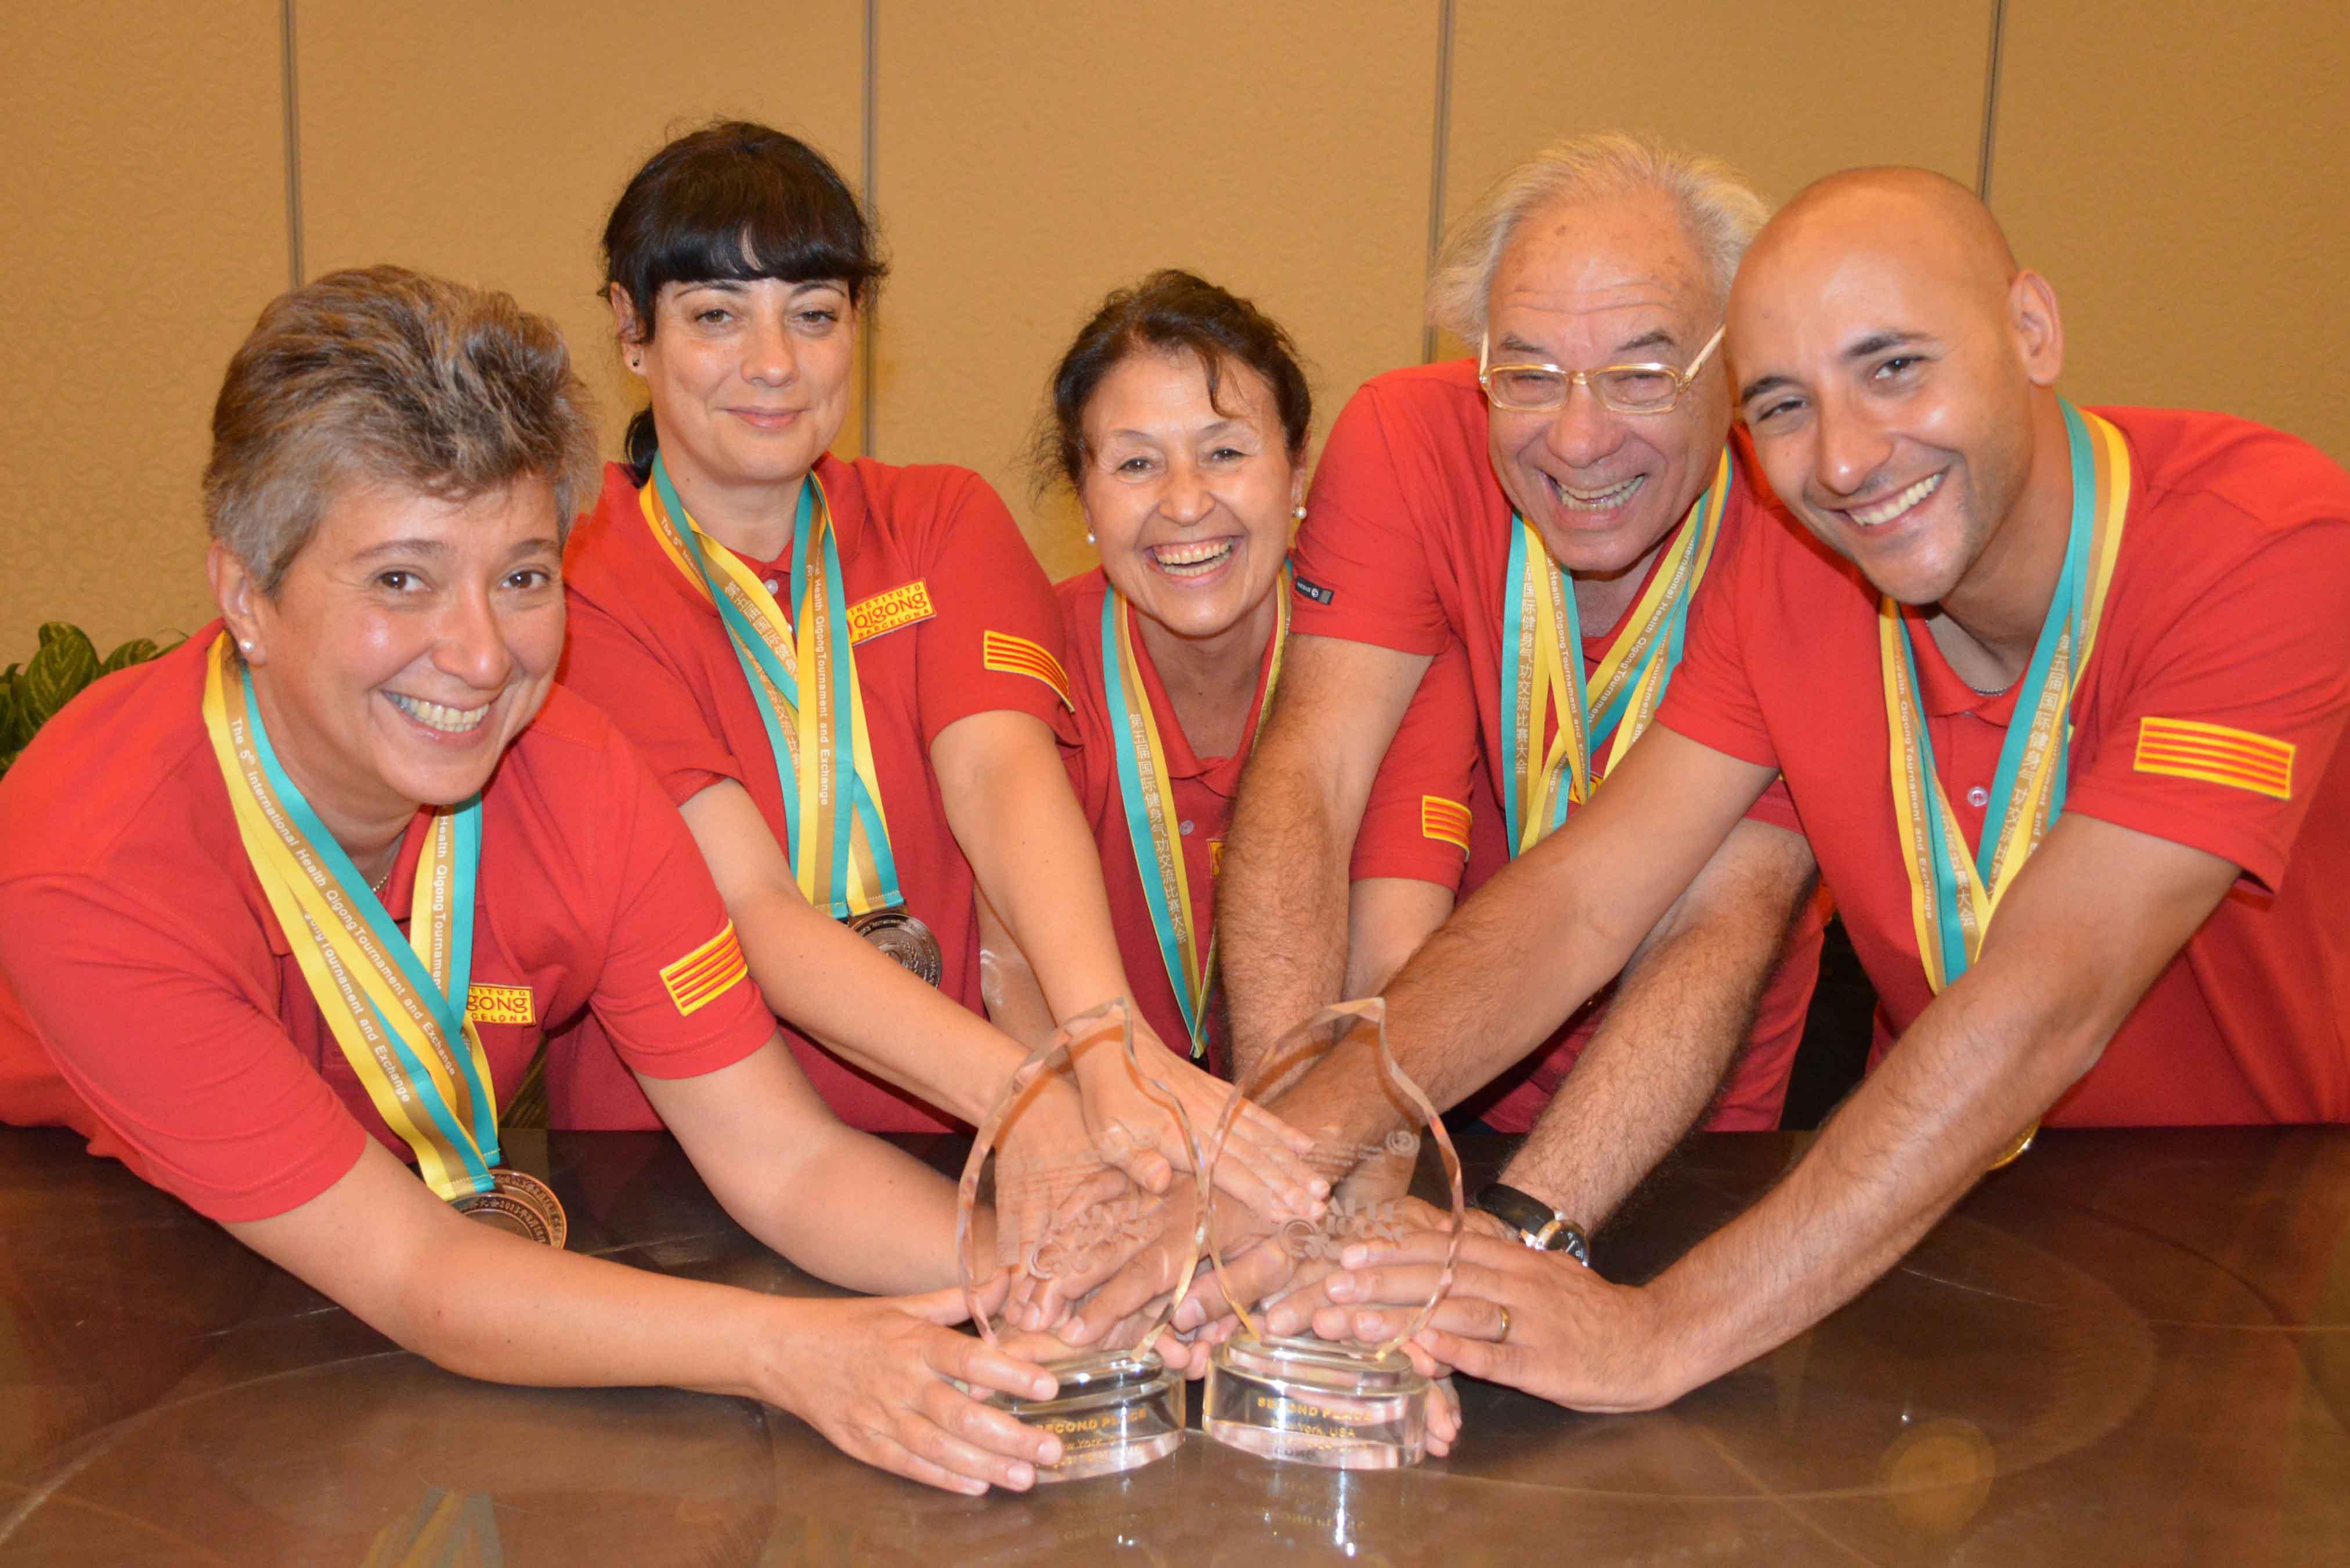 Equipo Instituto Qigong: ¡Campeón del Mundo!!!